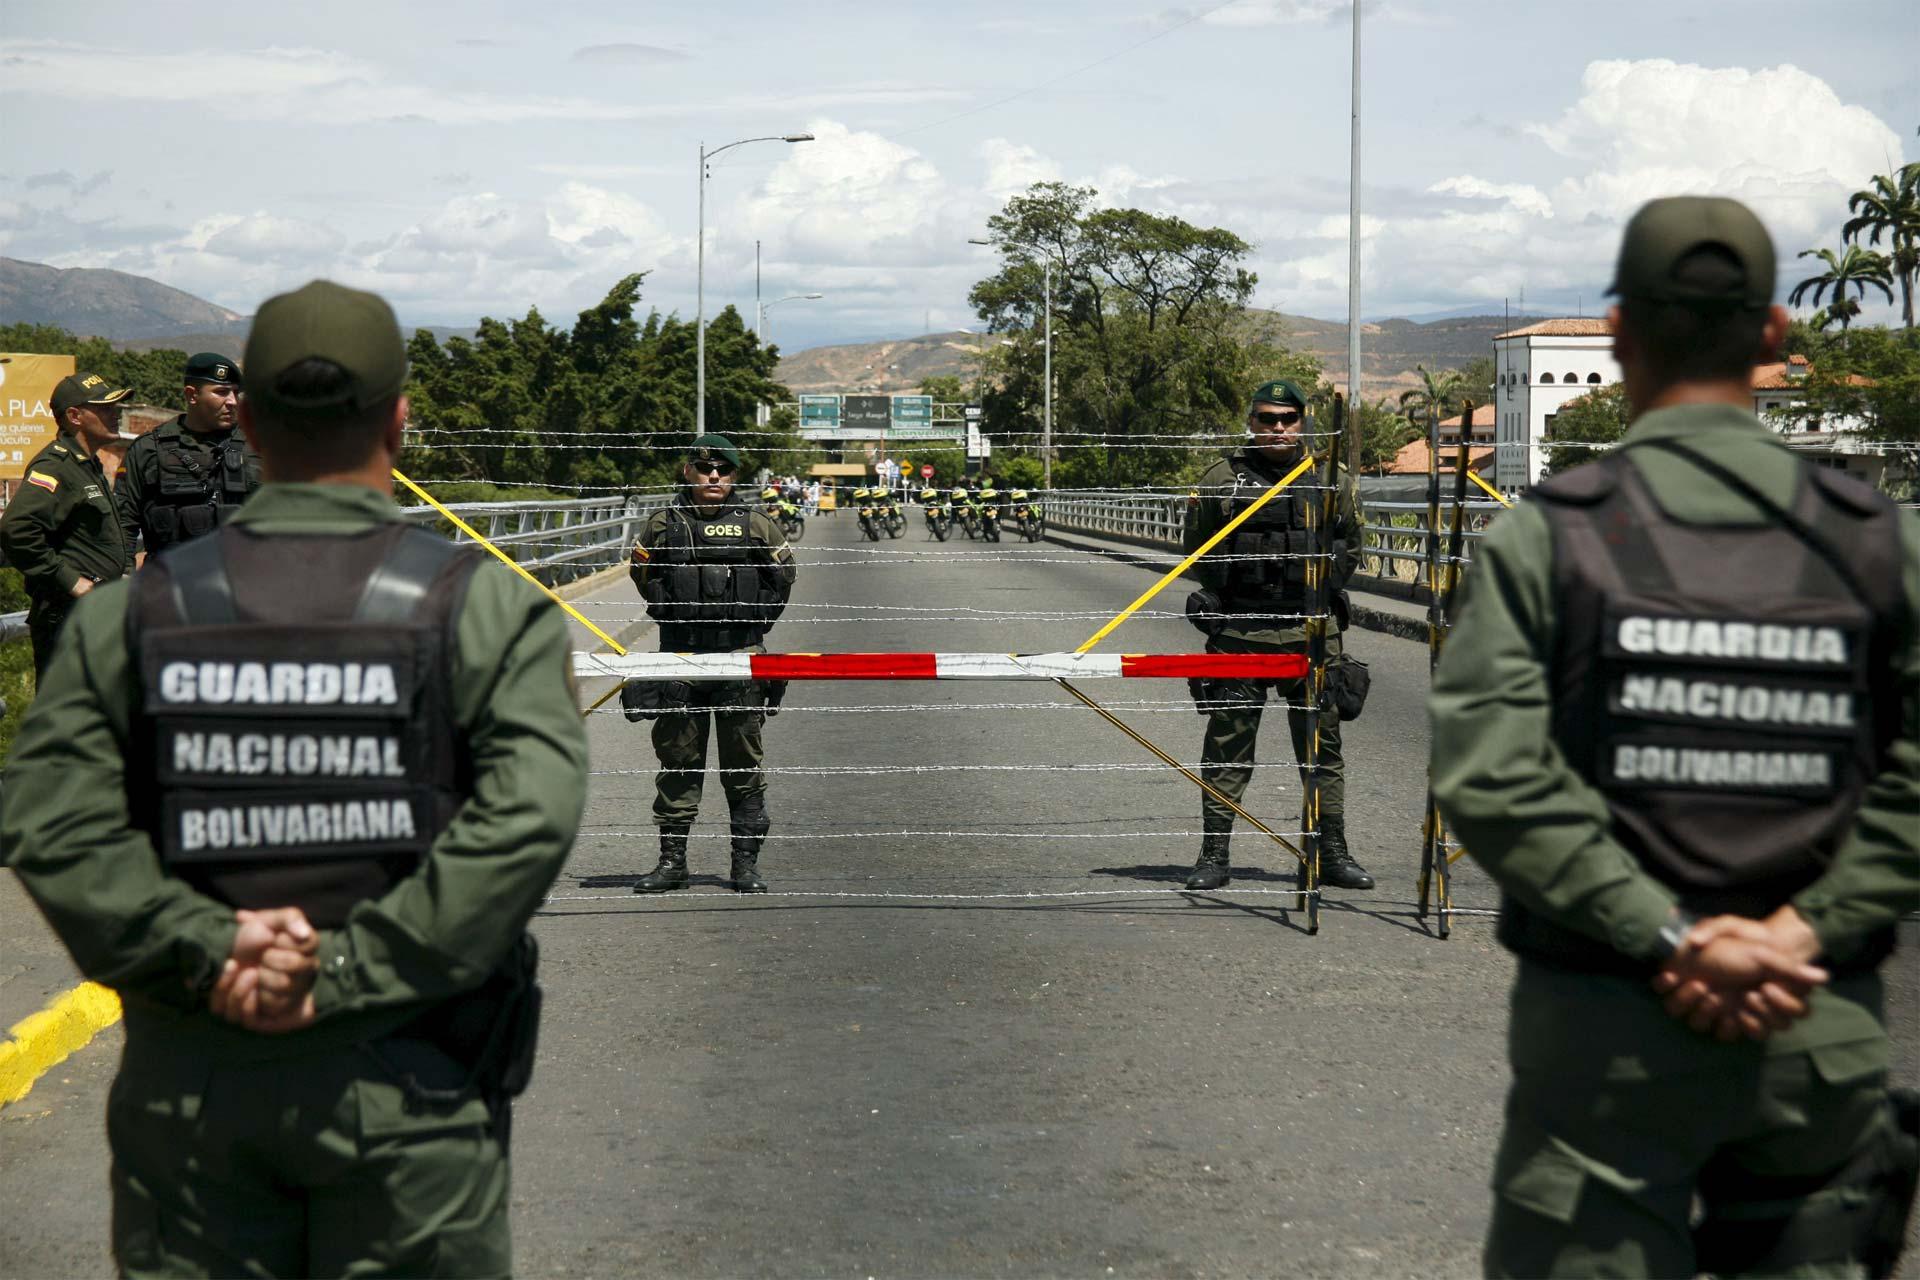 La medida se aplica en la frontera con Colombia y estará en vigor por 60 días